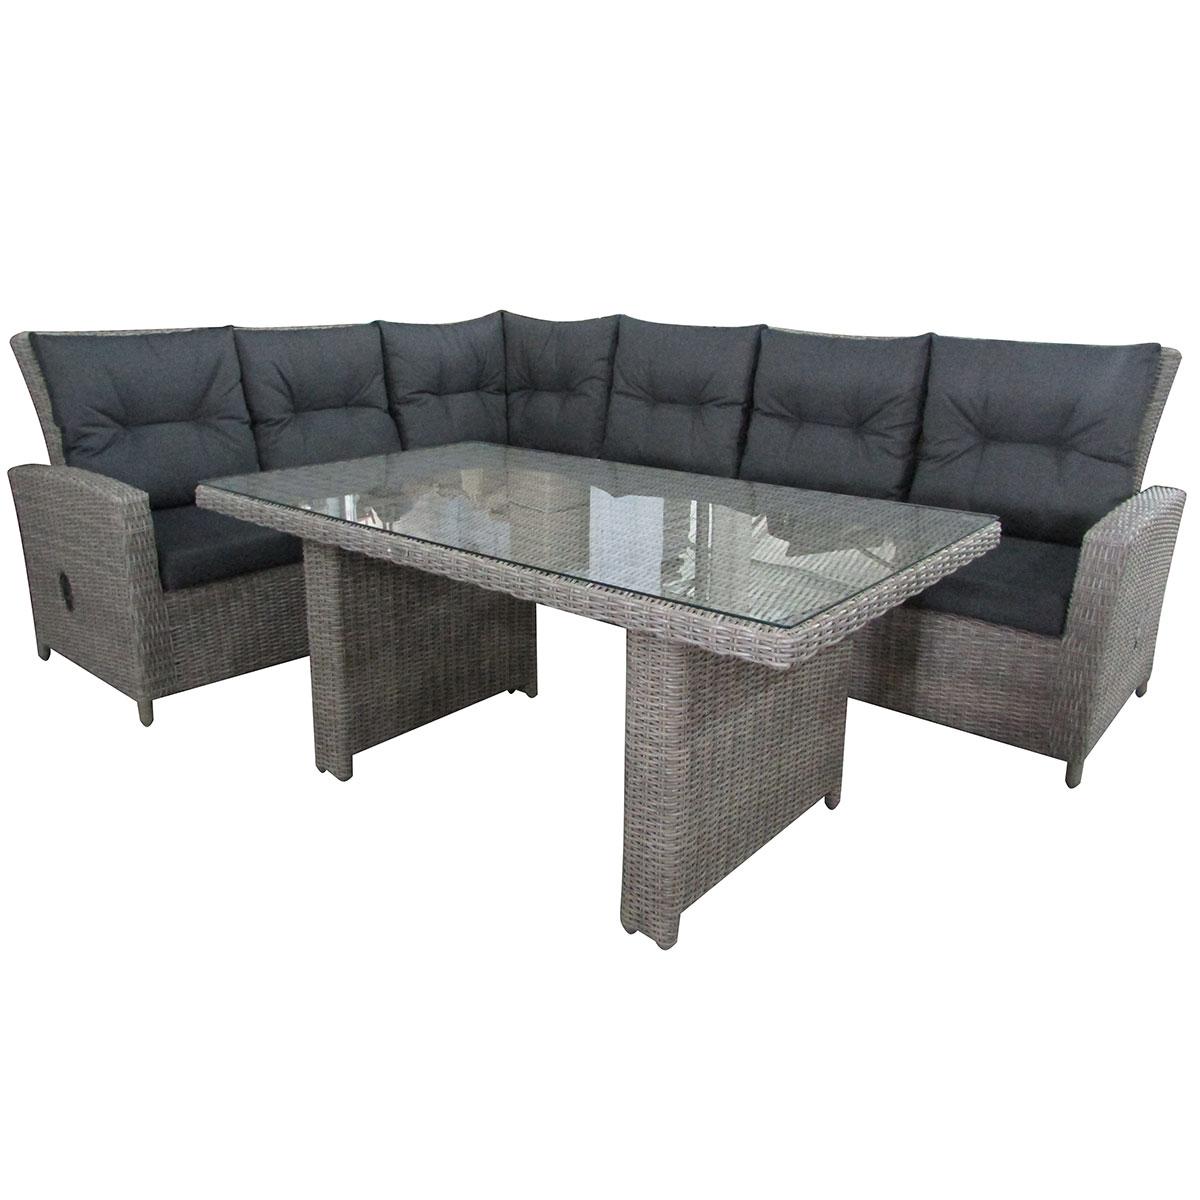 Угловой комплект San MarinoКомплекты уличной мебели<br>Угловой комплект плетеной мебели San Marino состоит двух секций и высокого обеденного стола (стеклянная столешница включена в стоимость). Особенность комплекта - регулируемые по наклону спинки секций.Каркас модели алюминиевый.Подушки включены в стоимость комплекта<br><br>Material: Искусственный ротанг<br>Ширина см: 392<br>Высота см: 84<br>Глубина см: 76